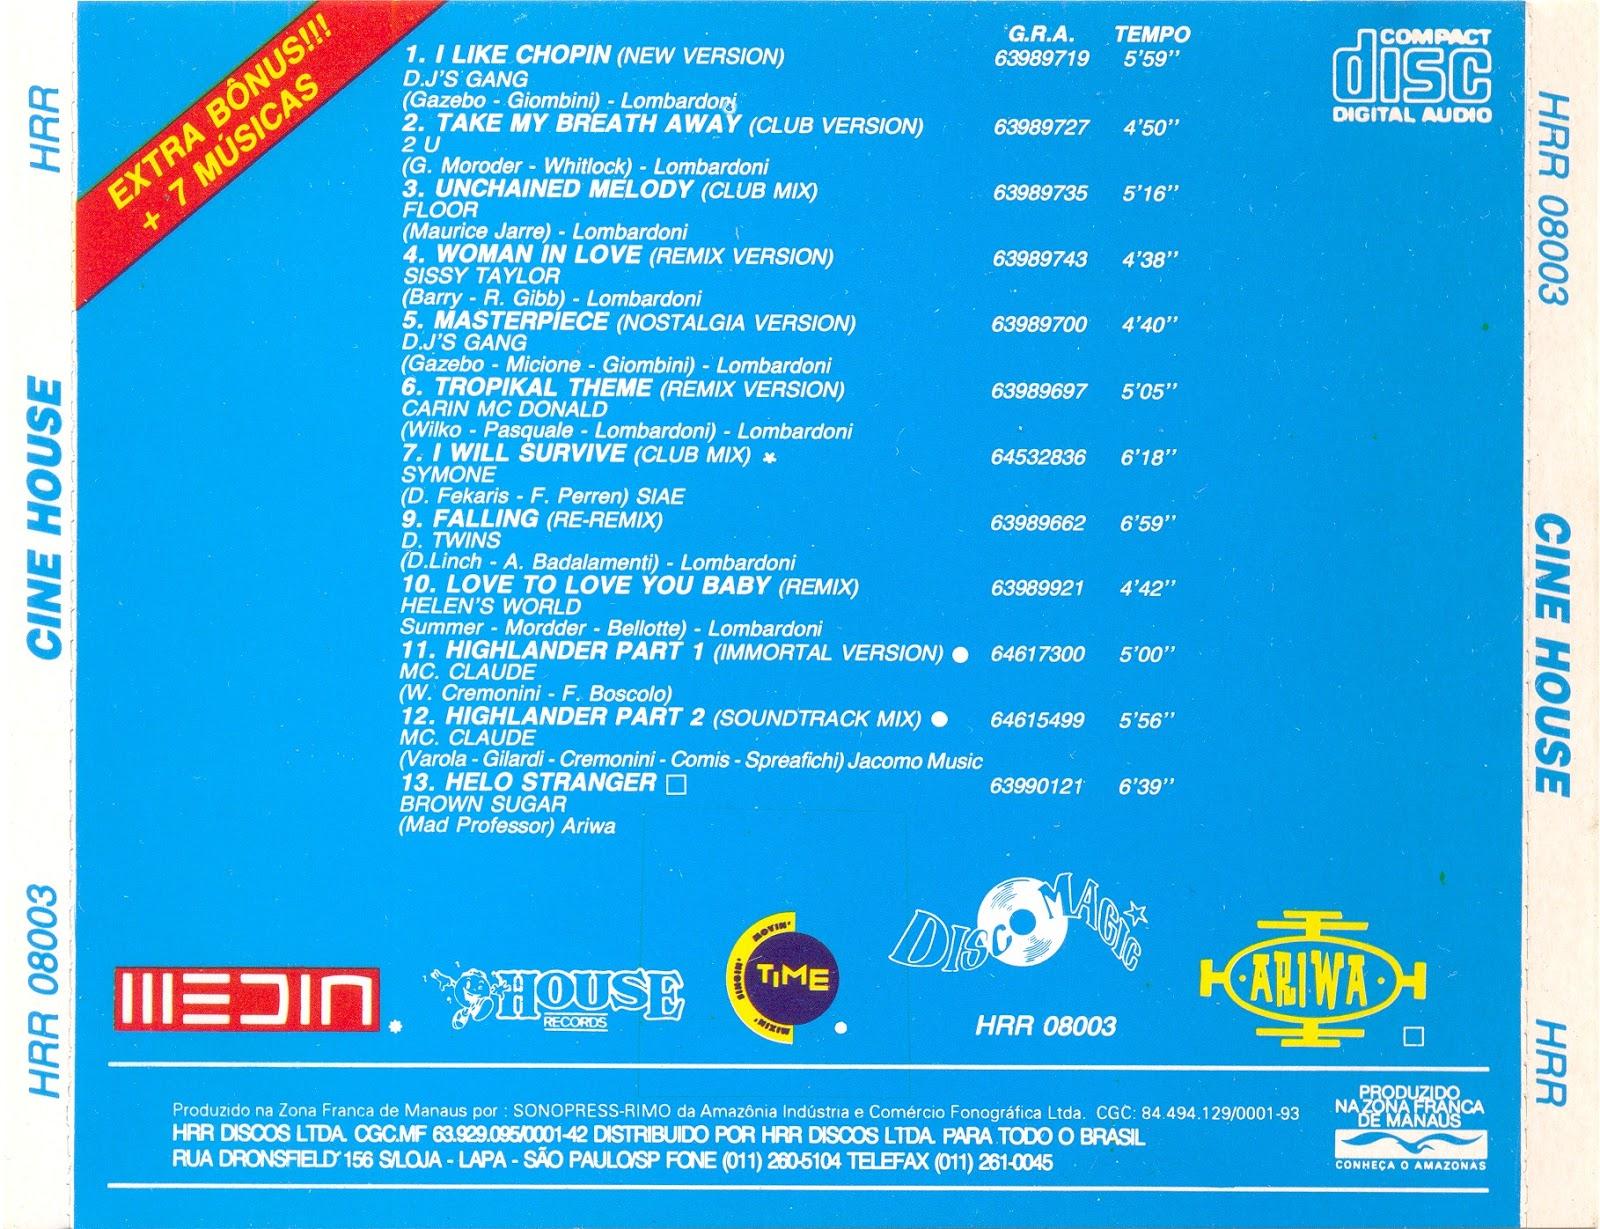 Seja bem vindo cine house cda 1993 for House music 1993